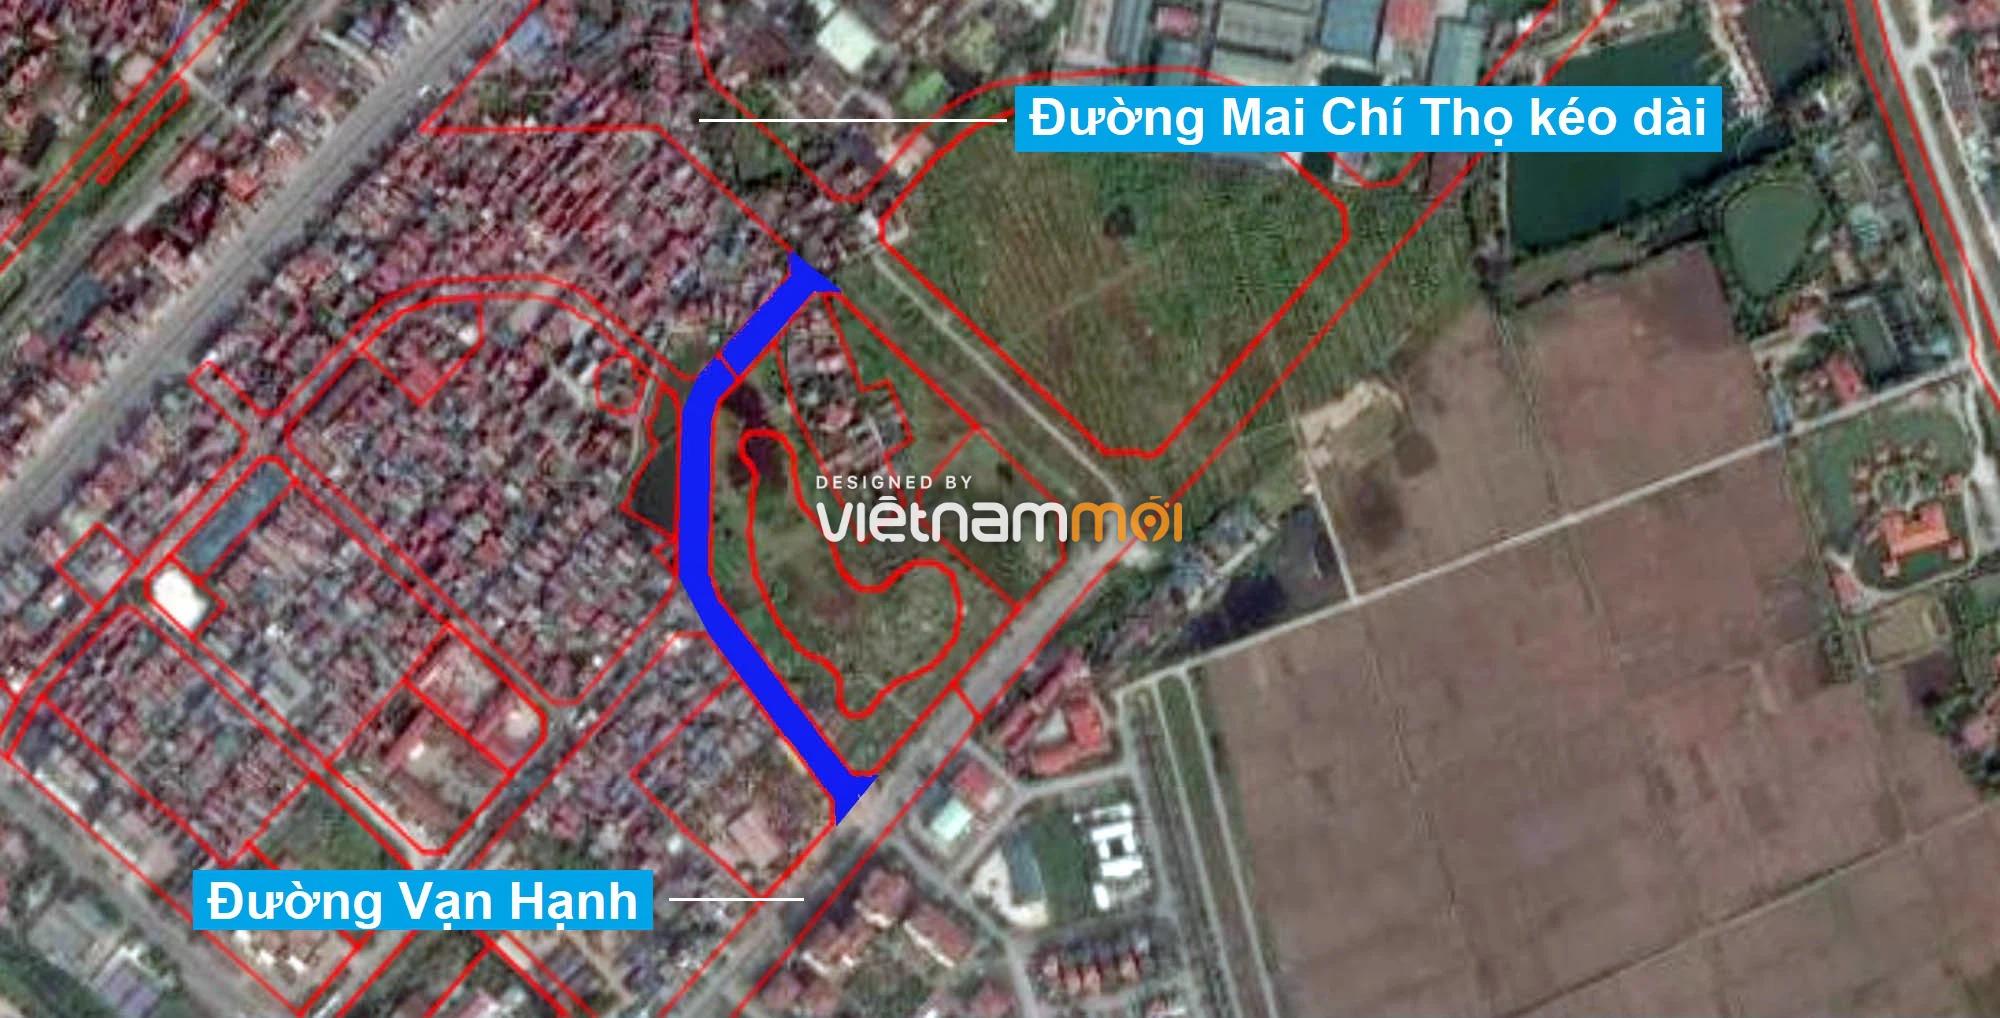 Những khu đất sắp thu hồi để mở đường ở phường Đức Giang, Long Biên, Hà Nội (phần 2) - Ảnh 2.